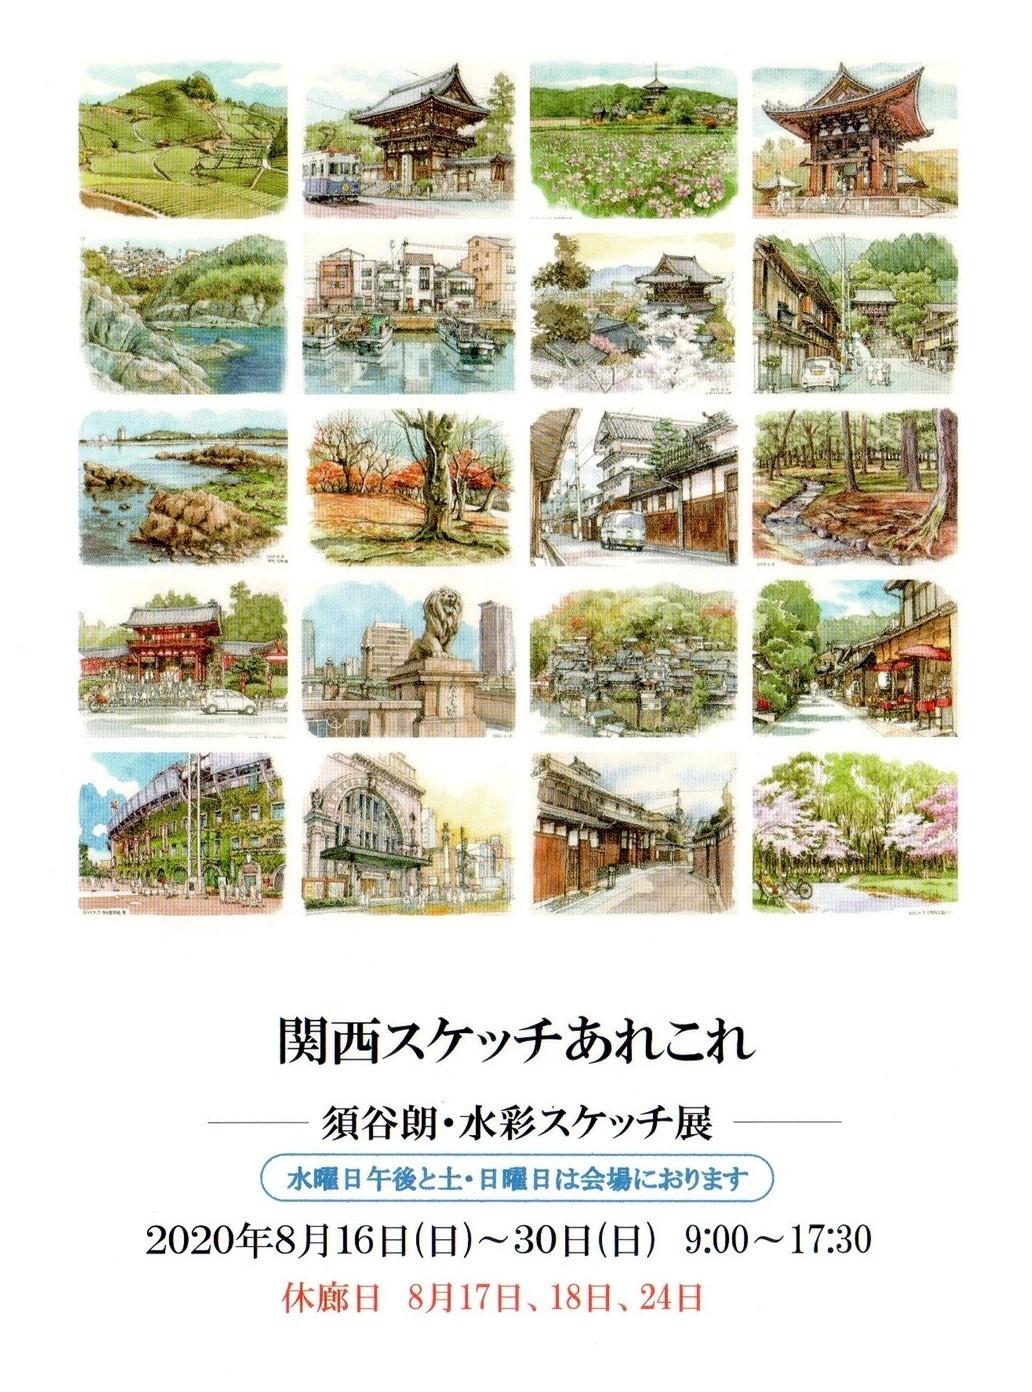 関西スケッチあれこれ ー須谷朗・水彩スケッチ展ー_e0017689_14070700.jpg